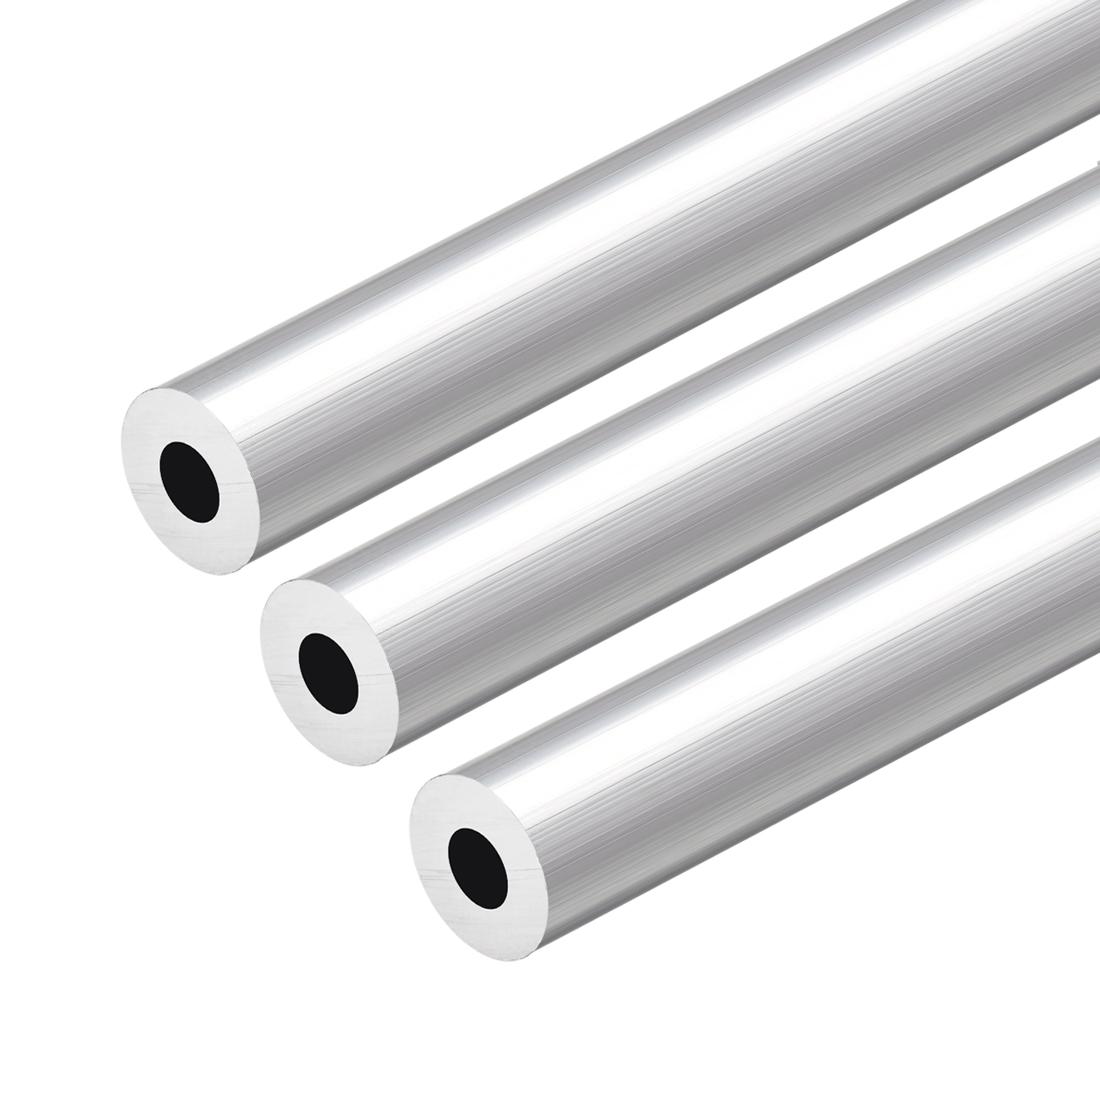 6063 Aluminum Round Tube 300mm Length 16mm OD 7mm Inner Dia Seamless Tubing 3pcs